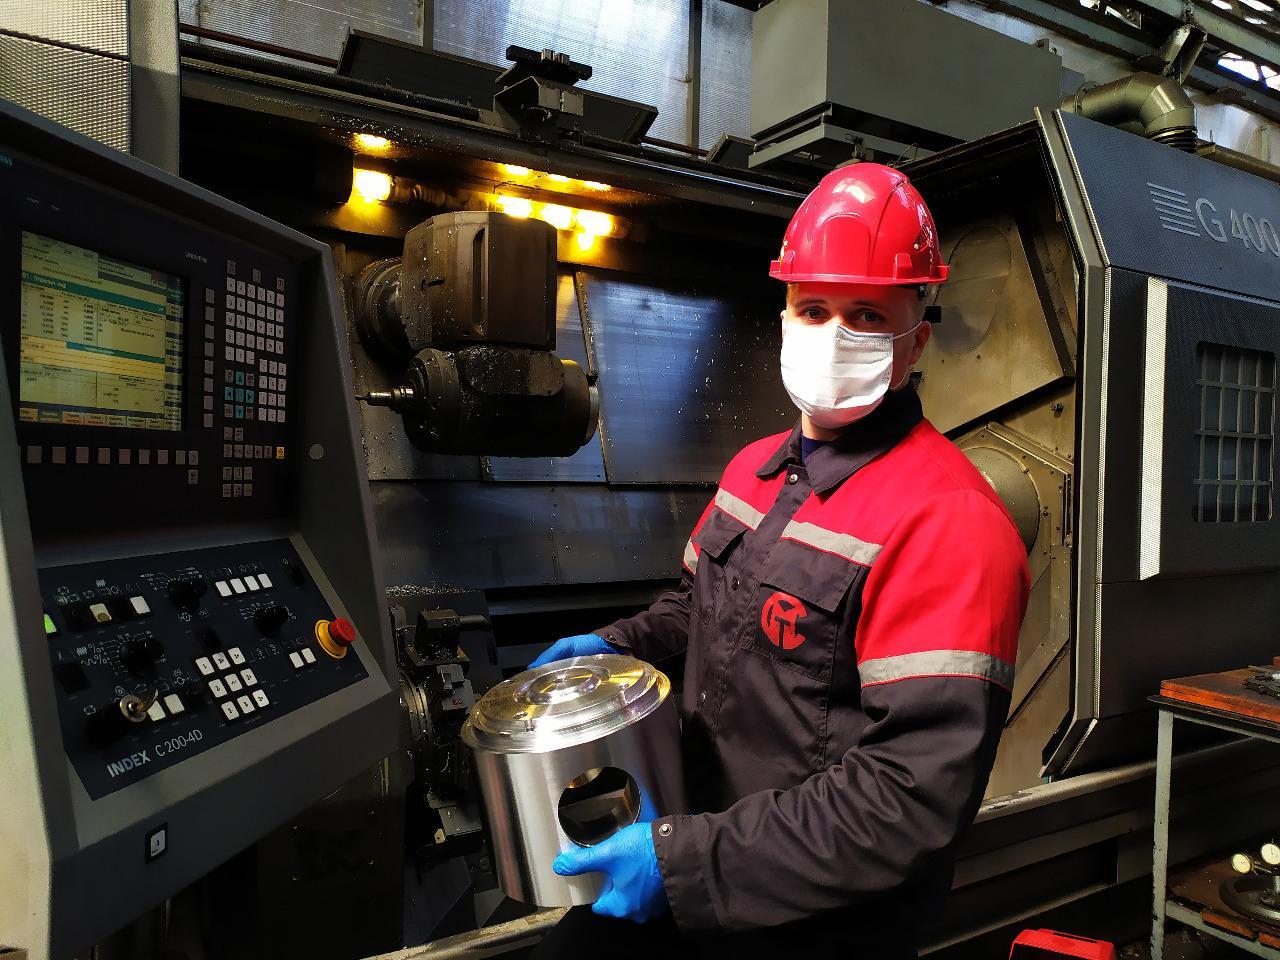 На Коломенском заводе определили одну из самых востребованных профессий — оператор станков с программным управлением